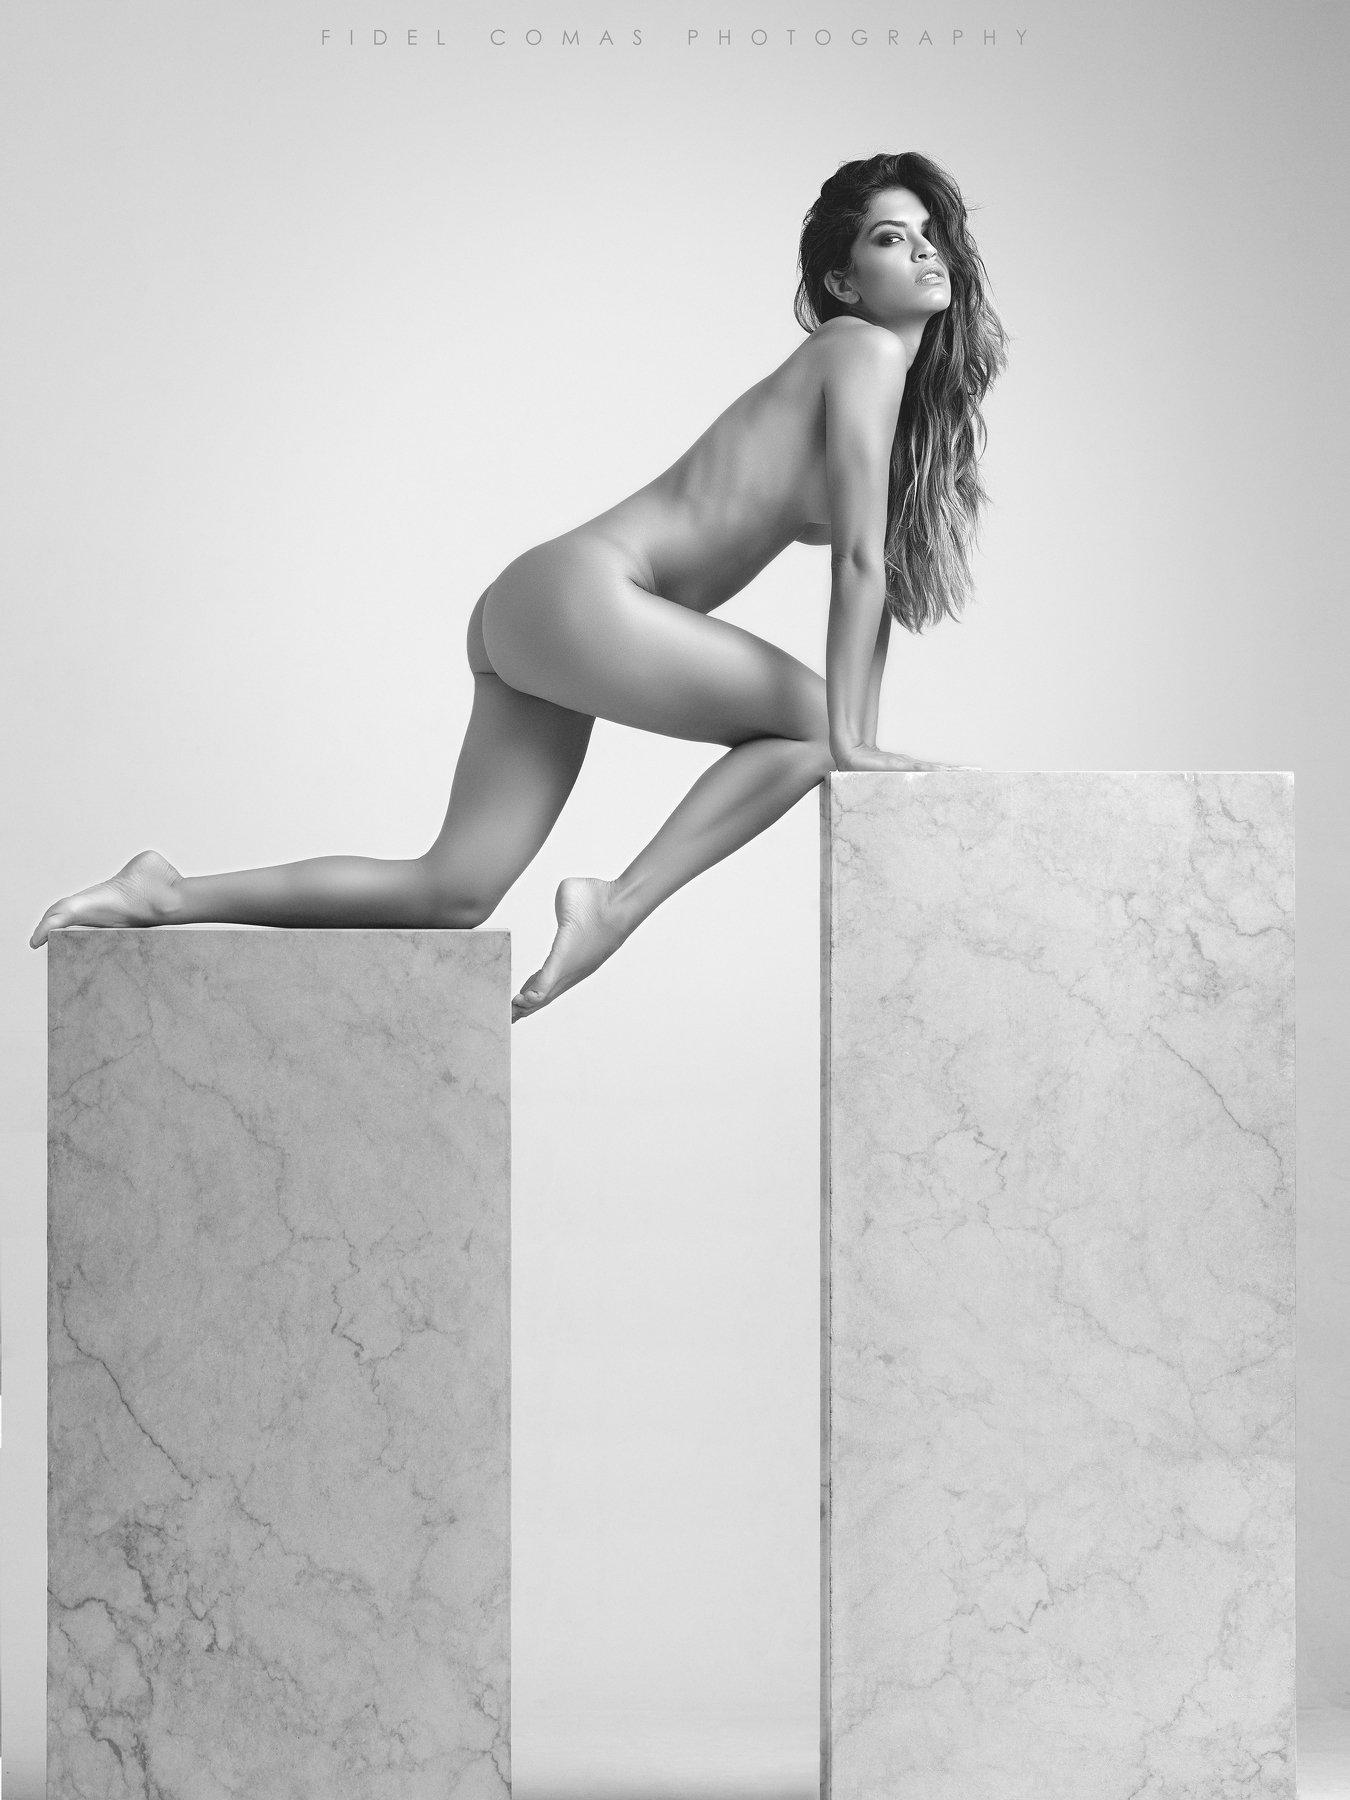 model, nudeart, studio, monochrome, hasselblad, Fidel Comas